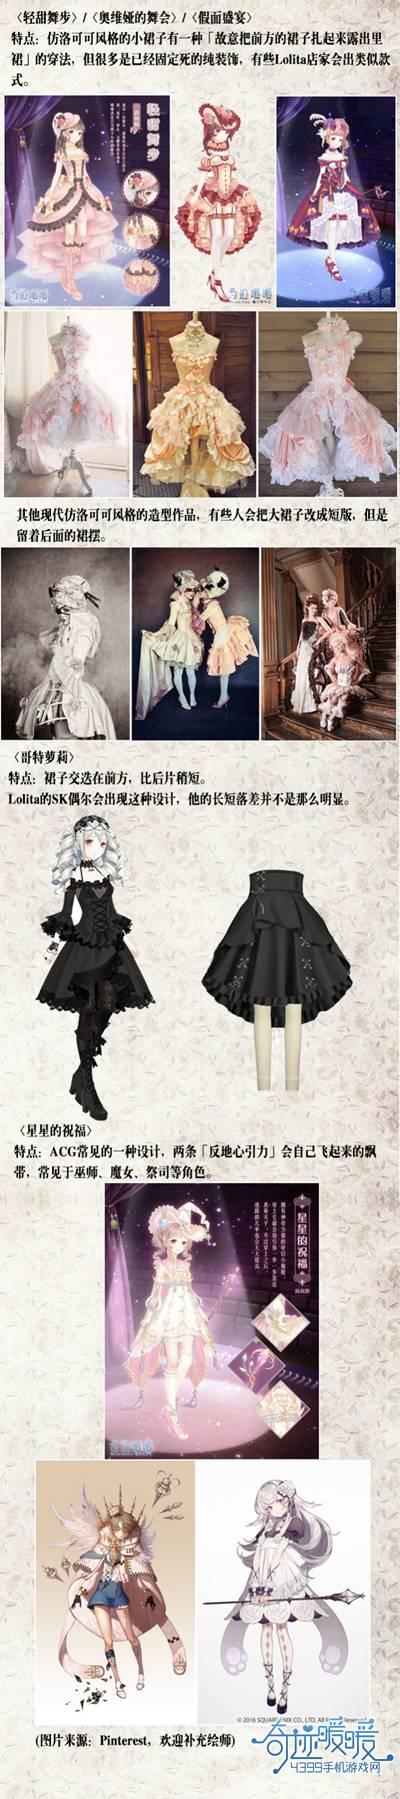 奇迹暖暖长短裙